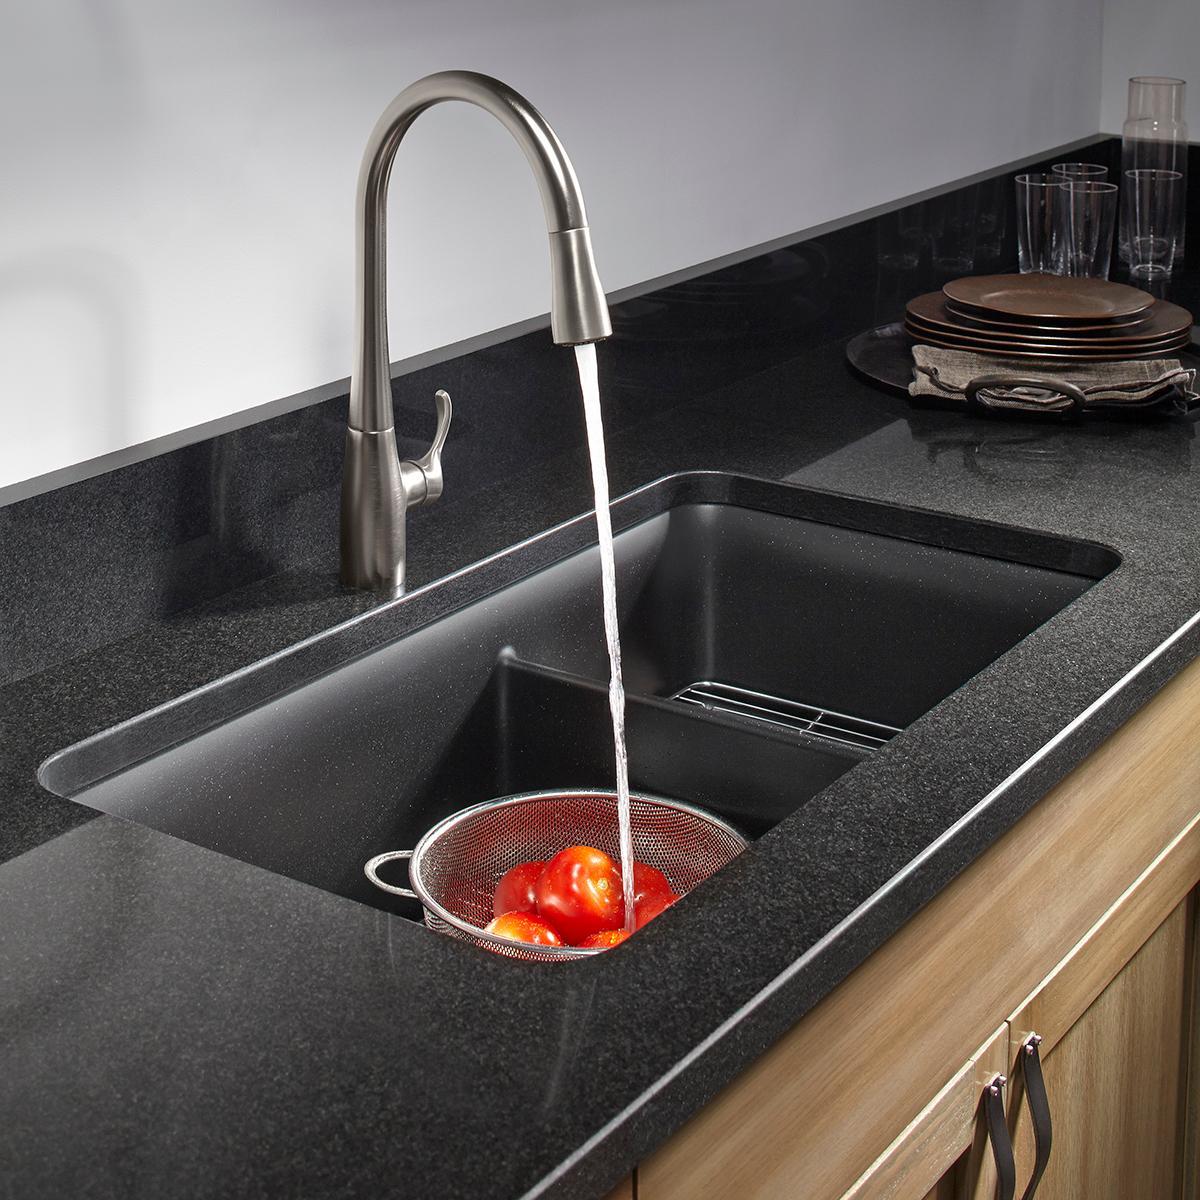 Kitchen Sink Black: Kohler K-8204-CM1 Cairn Undermount Double Bowl Kitchen